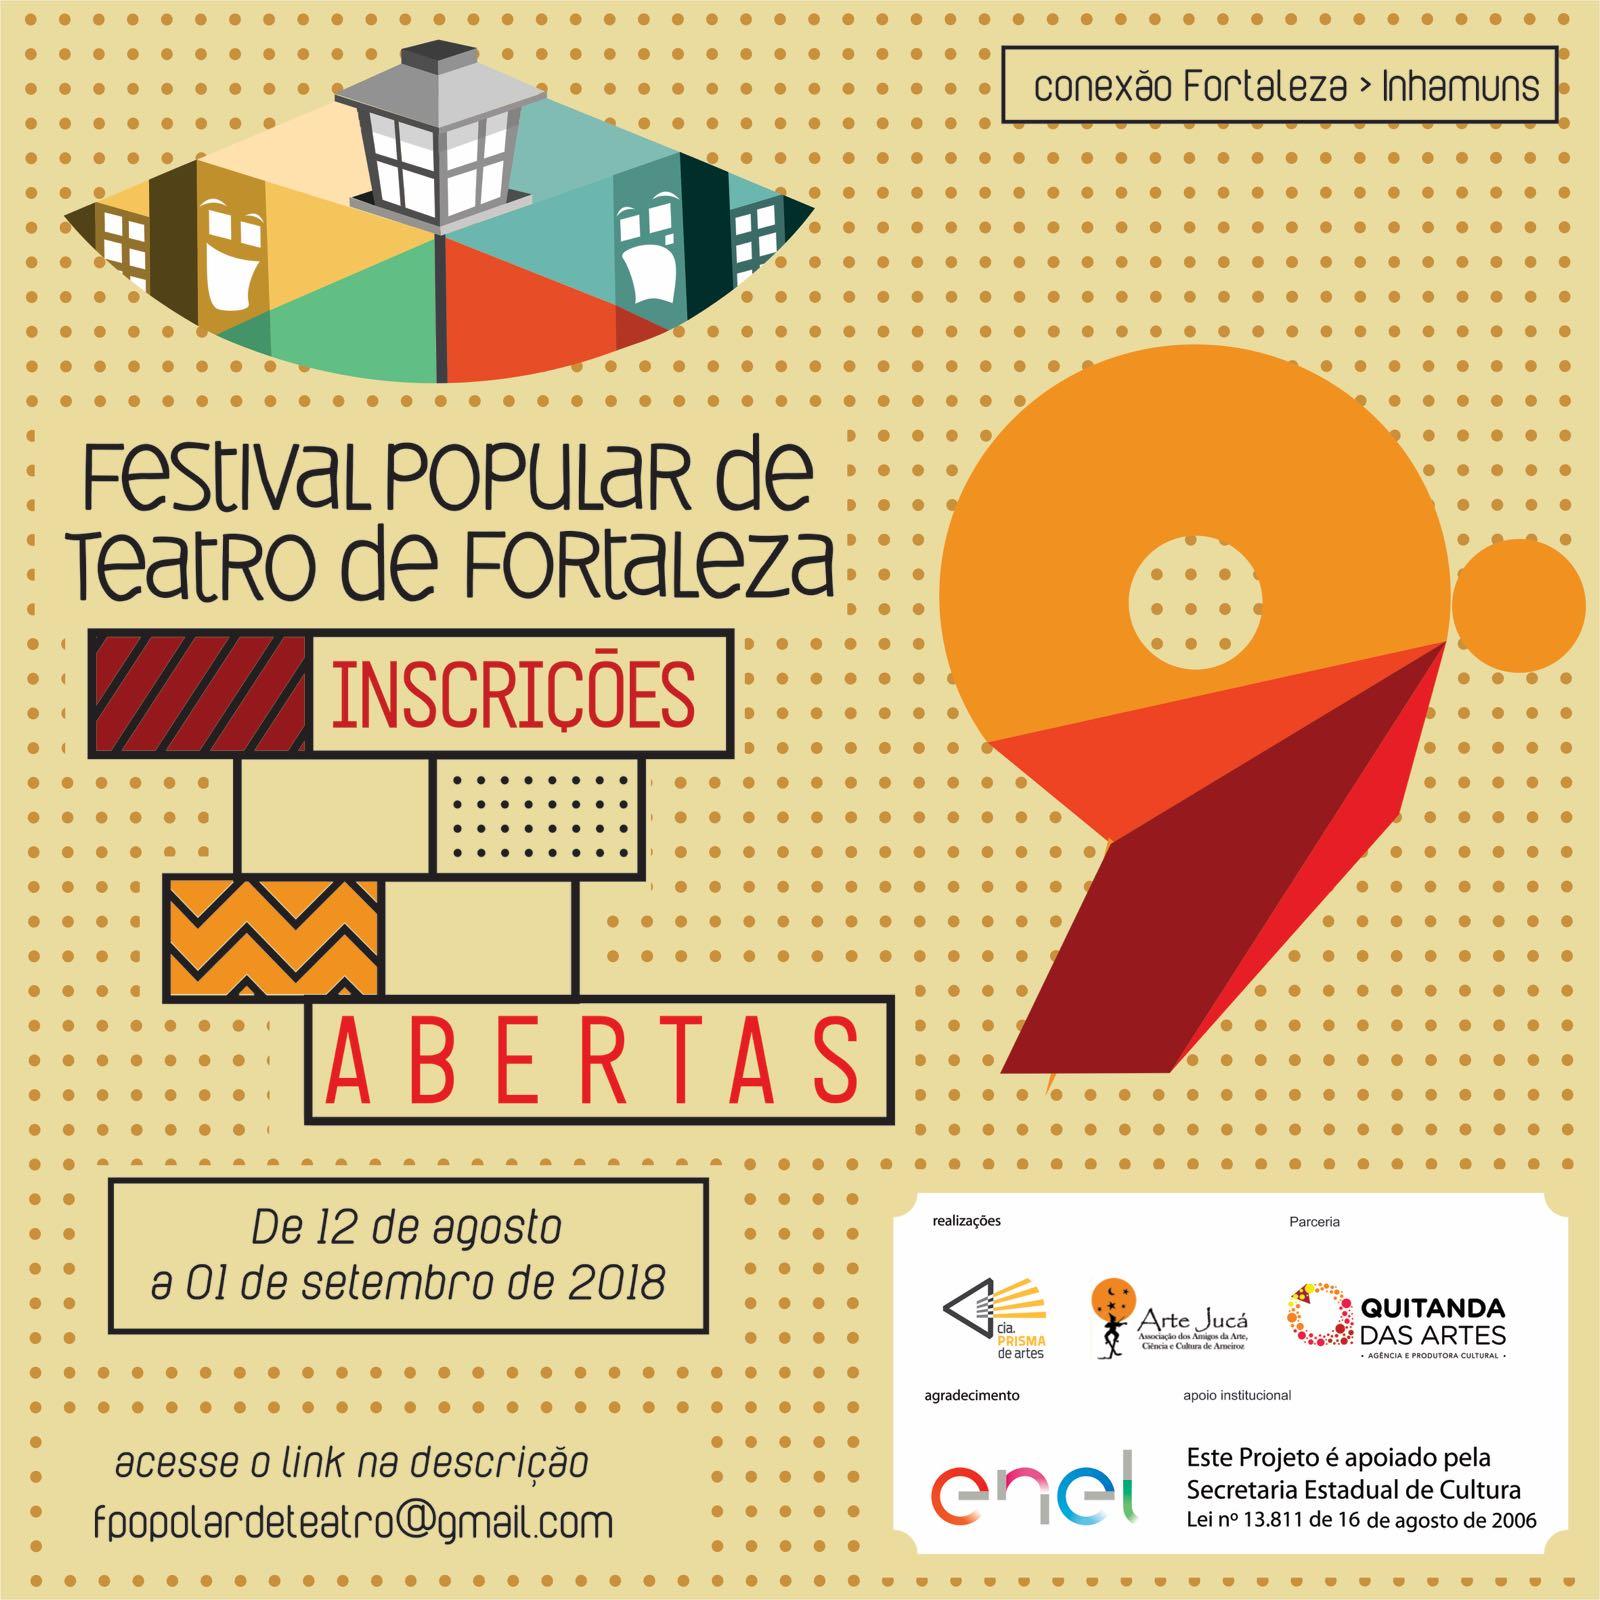 Festival Popular de Teatro de Fortaleza abre inscrições para sua 9ª edição 8f273567043